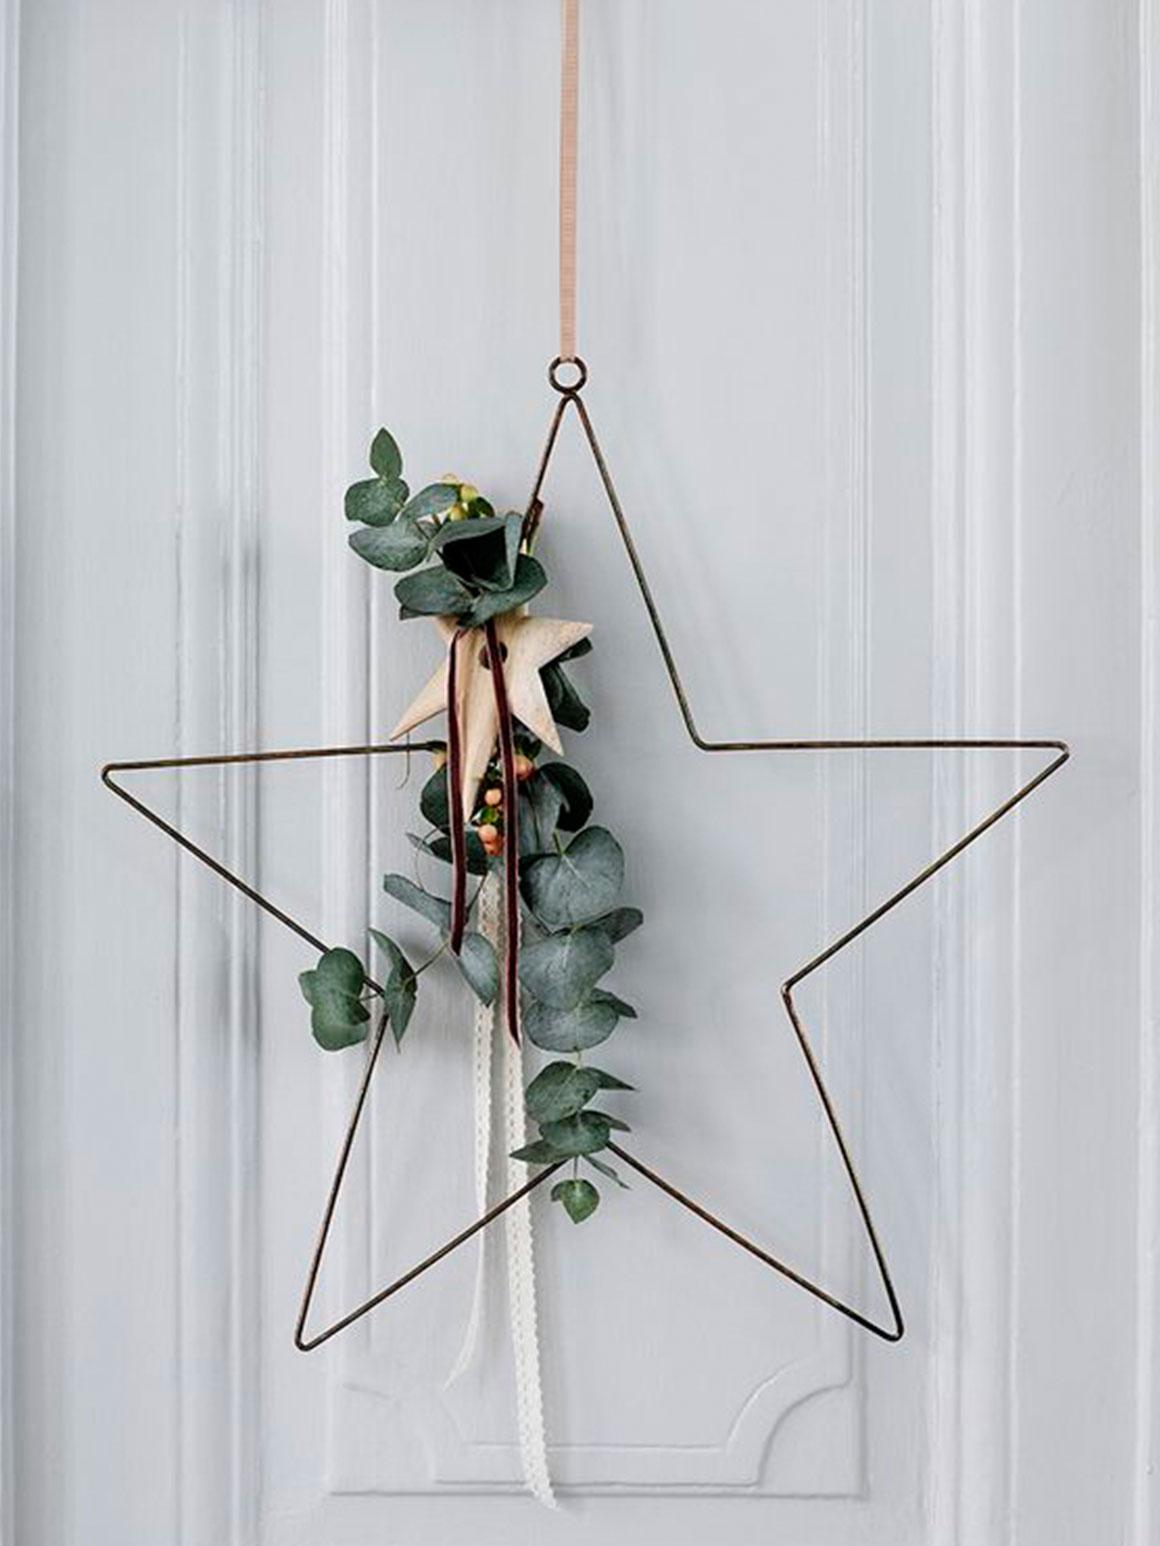 Creatieve Decoratie Ideeen.Decoratie Ideeen Voor Kerst 2016 My Simply Special